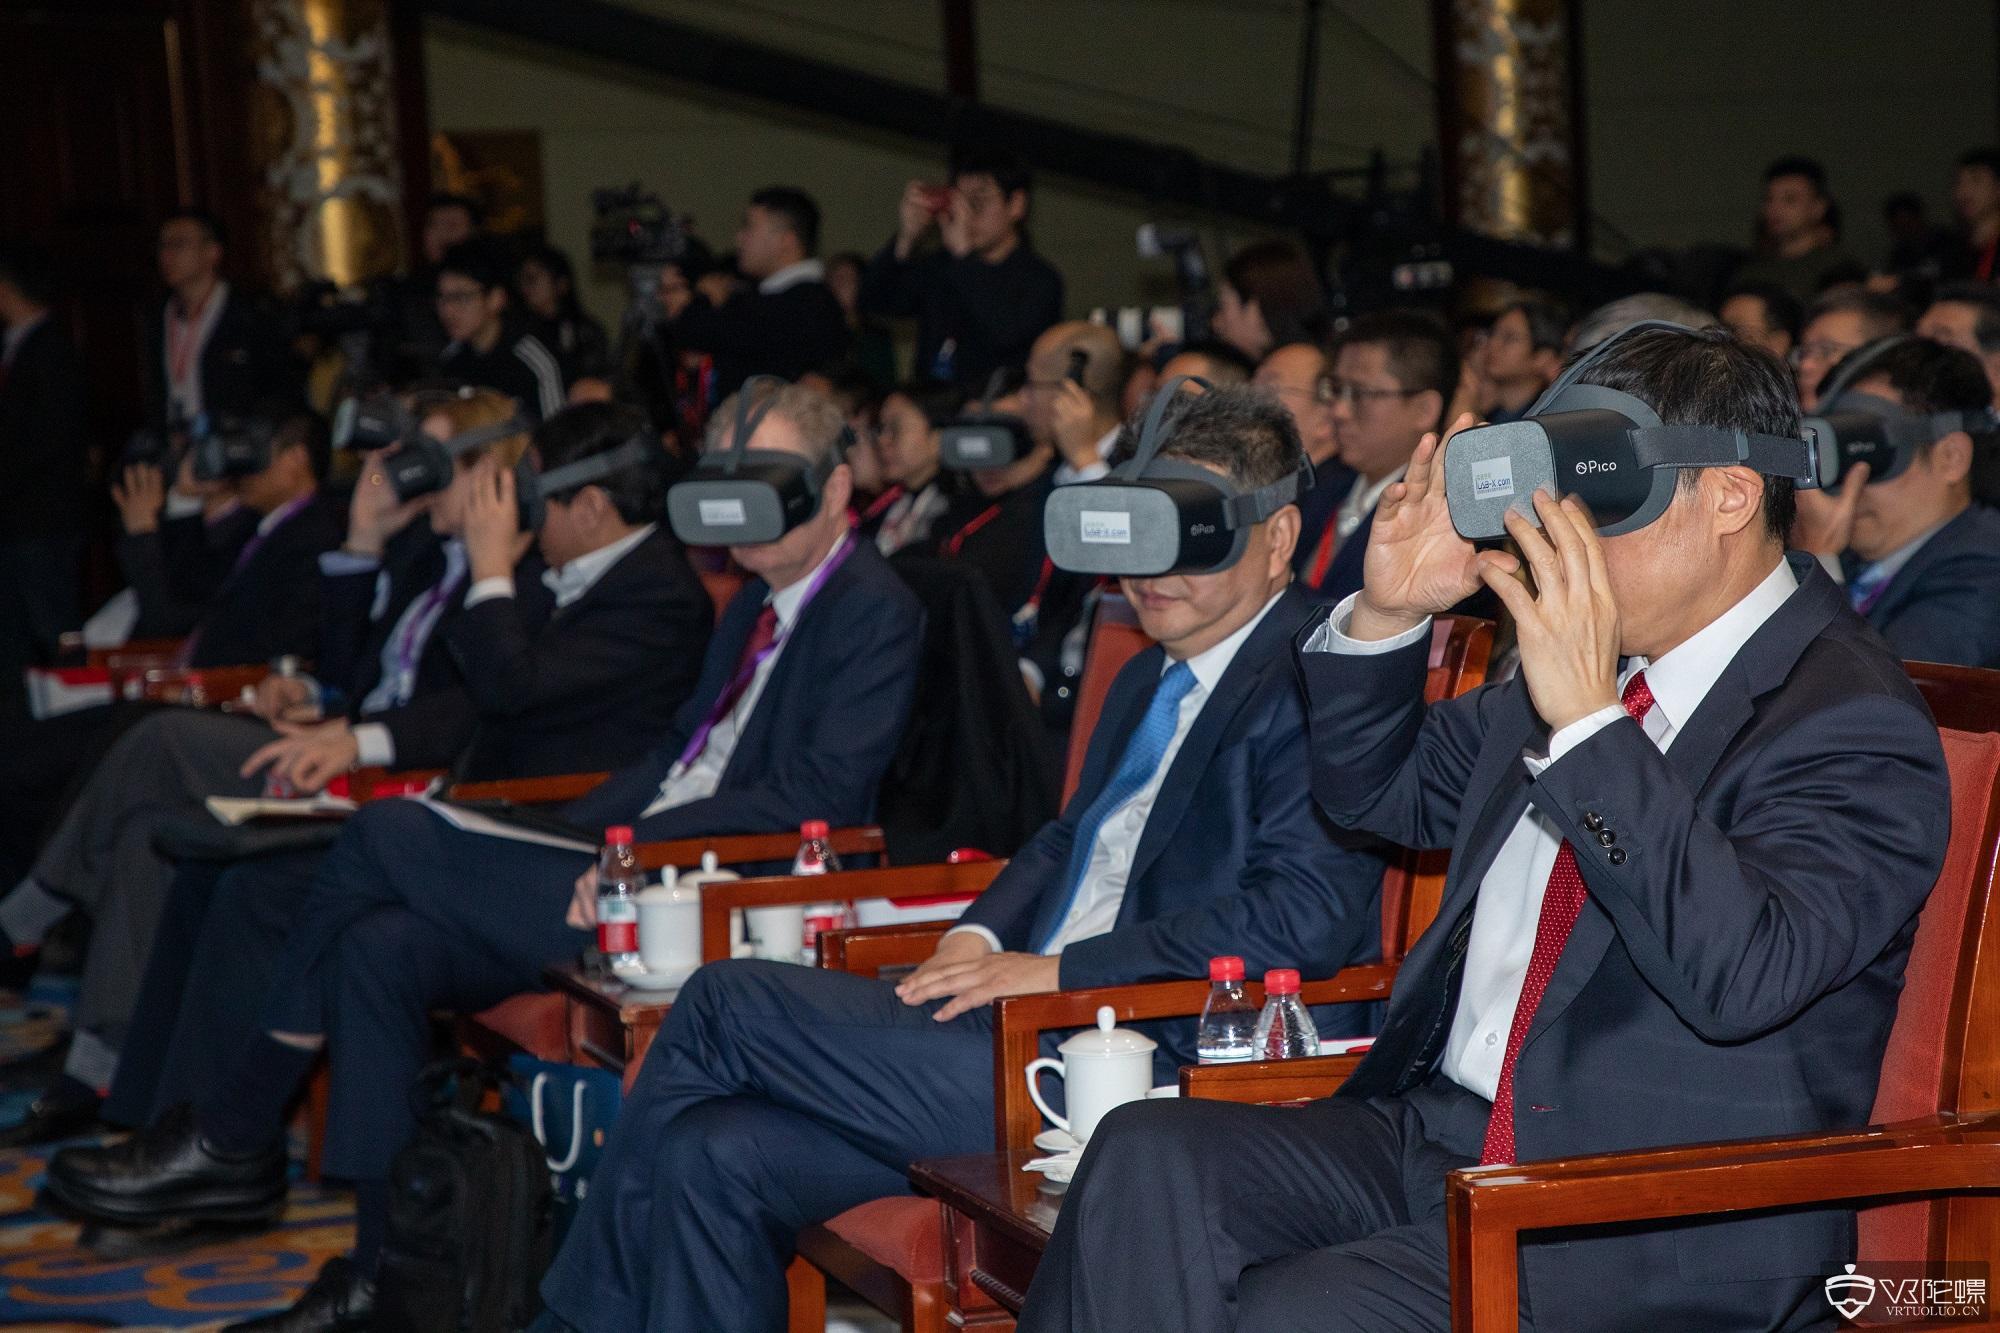 Pico G2 4K亮相中国慕课大会,协助展示异地沉浸式教学新方案